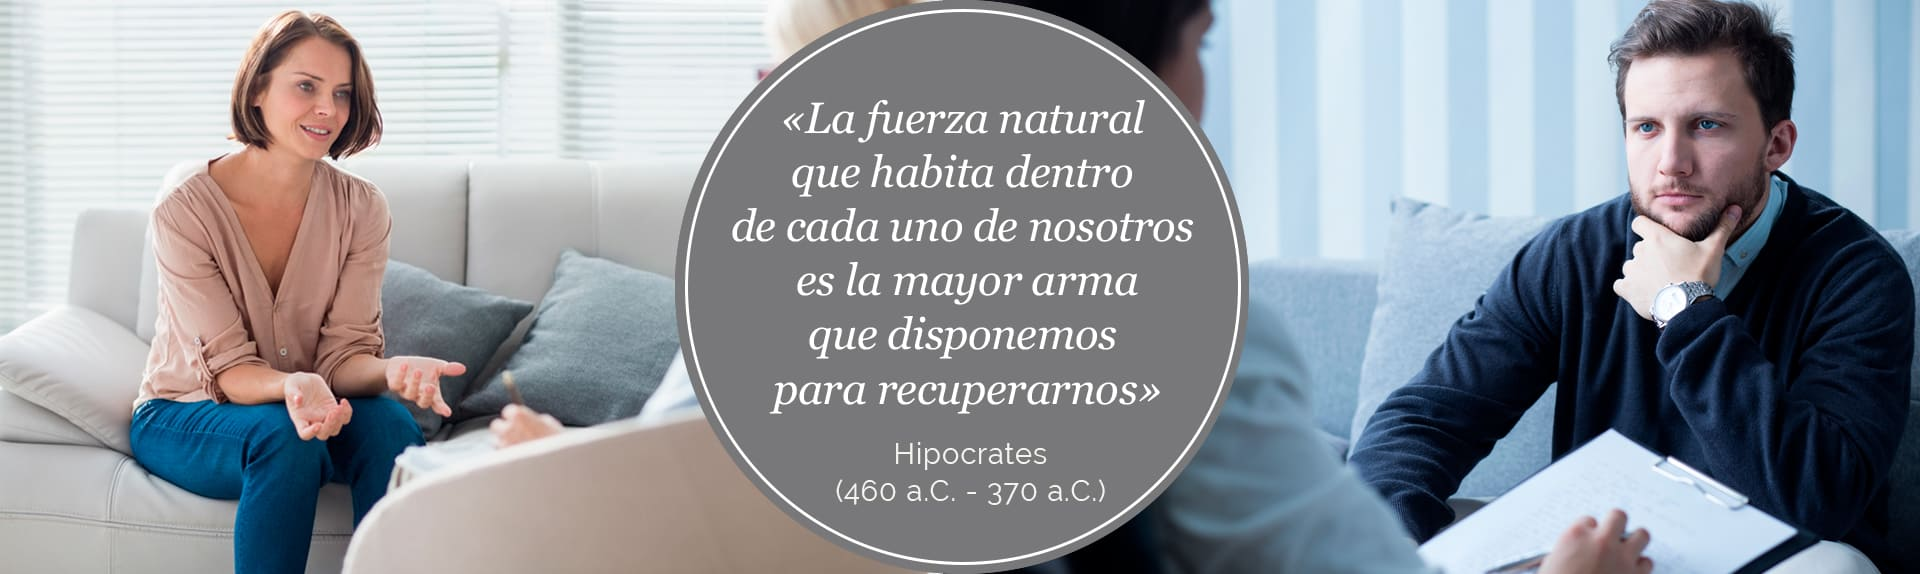 Atención a Adultos - Psicología clínica y psicoterapia Clínica Logos Albacete